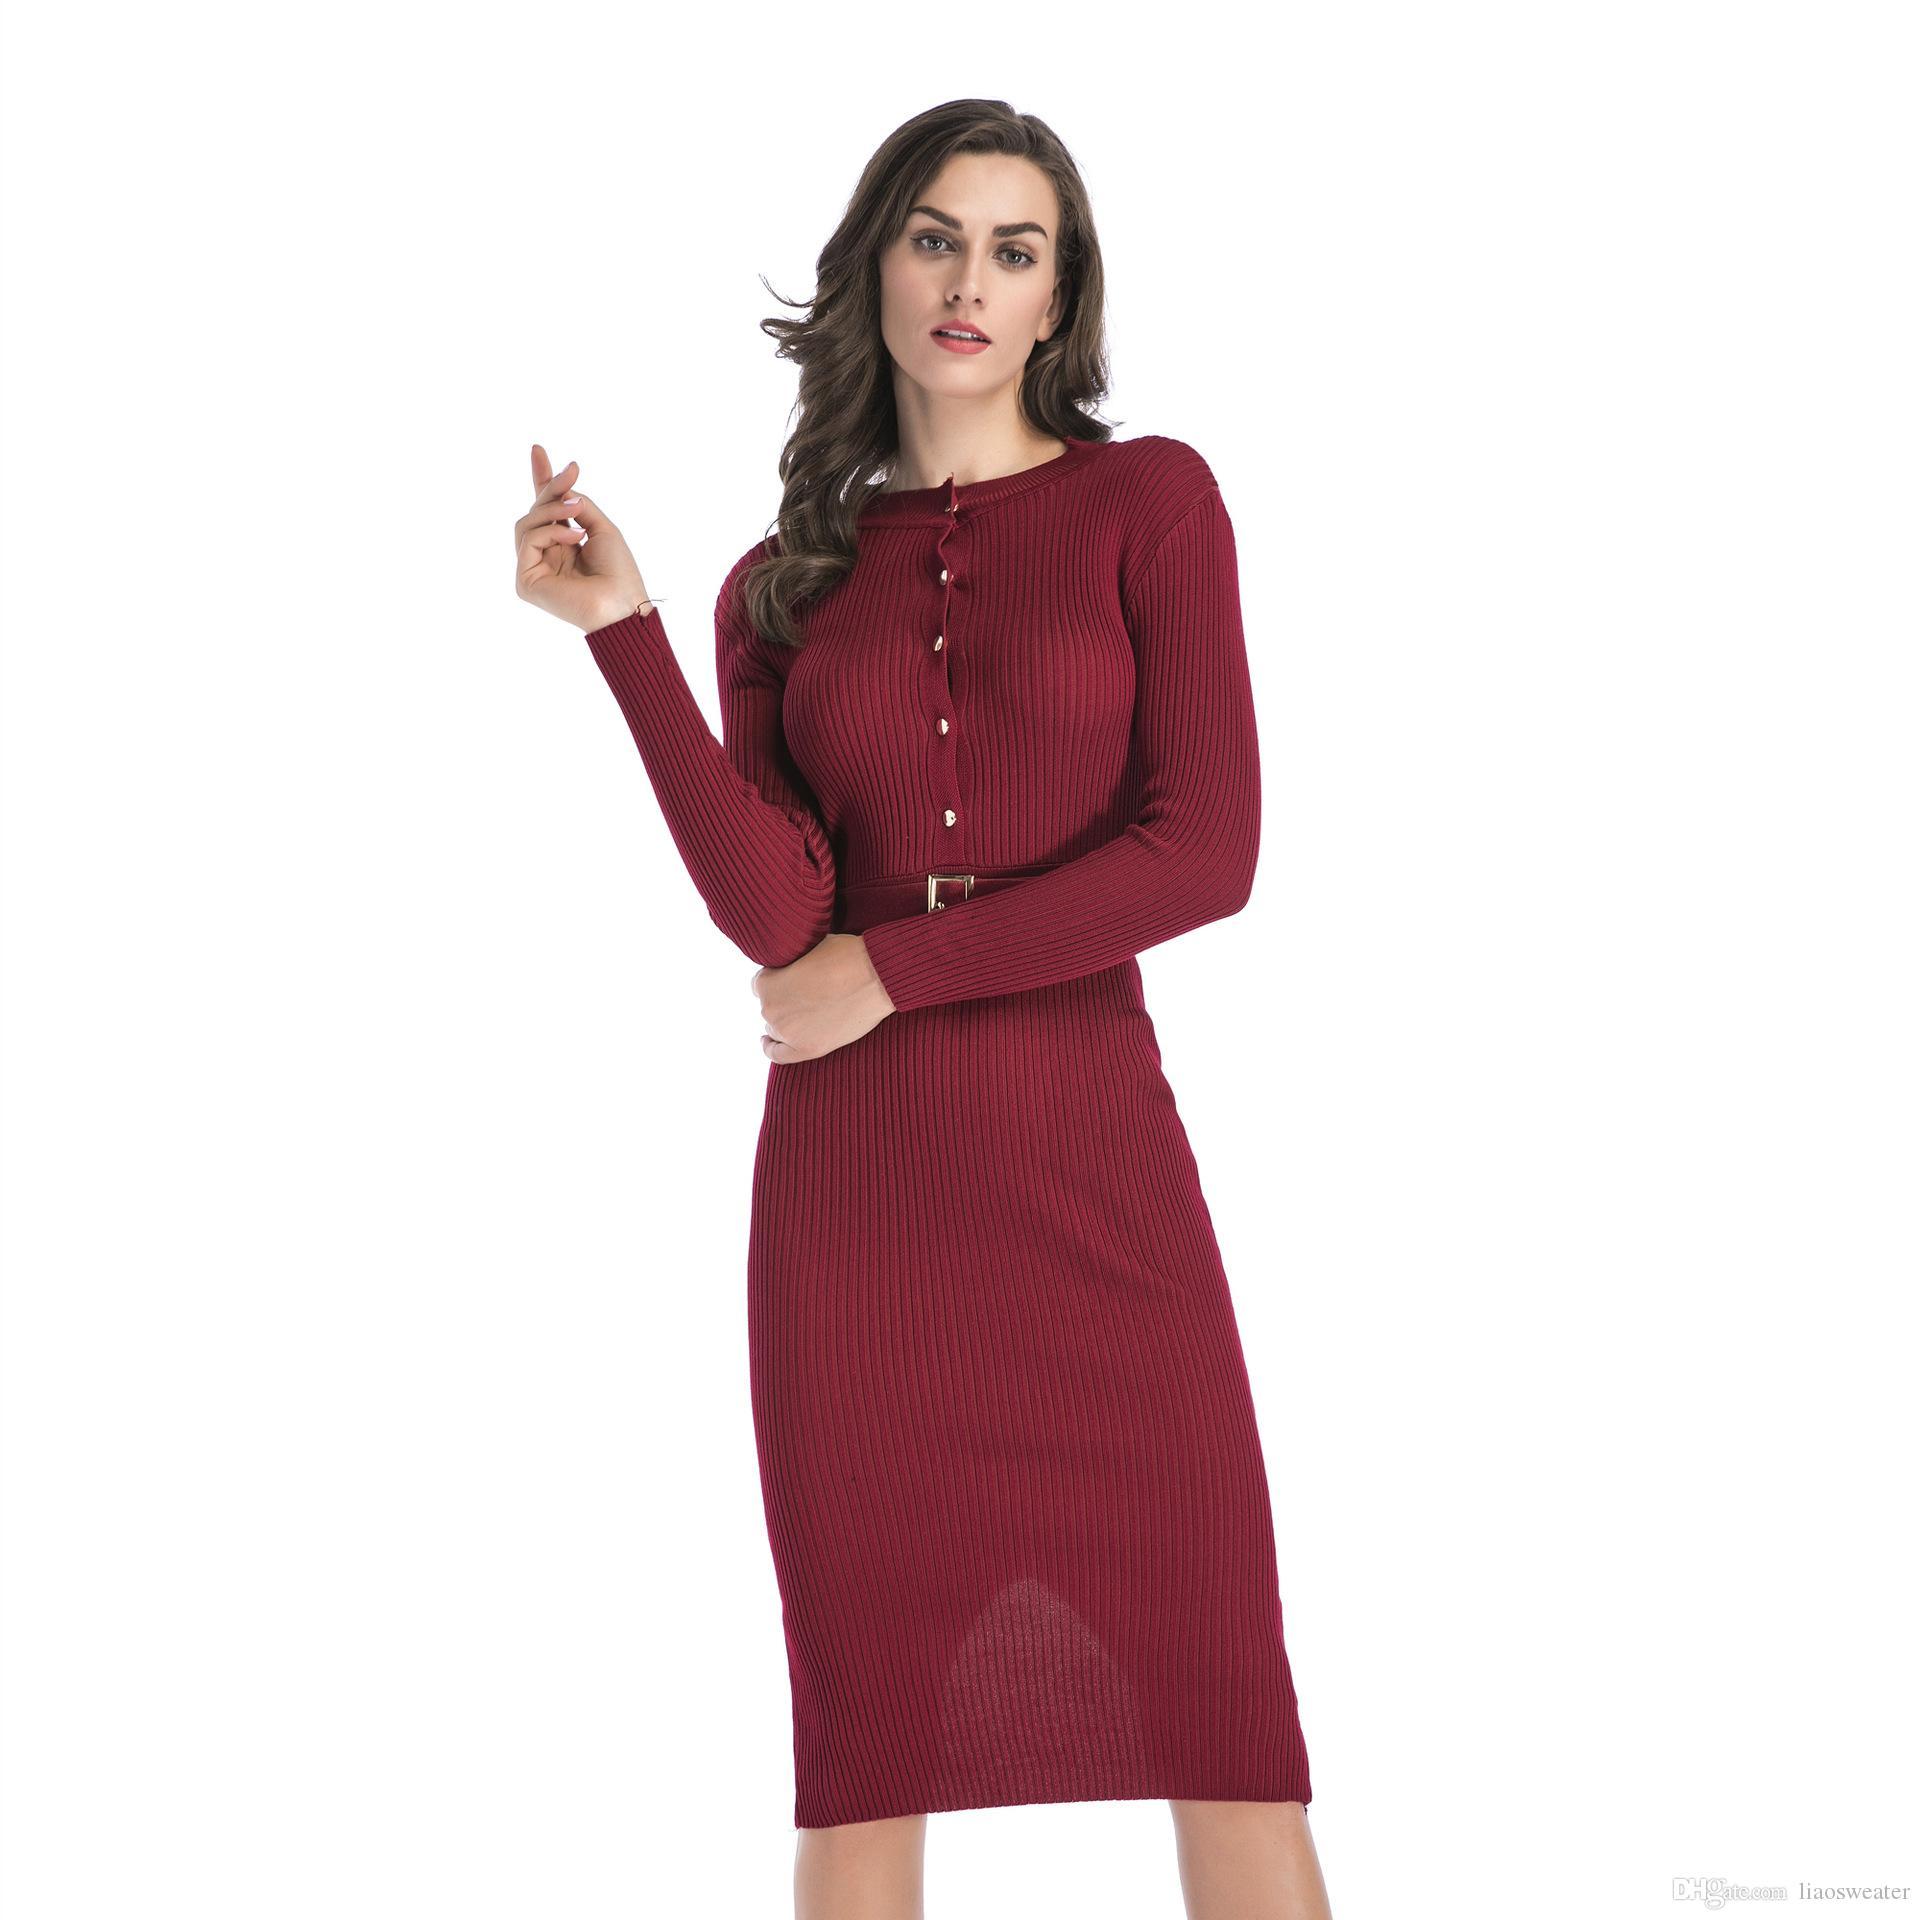 00f4698475a11 Satın Al 2019 Yılında Sıcak Moda Kadın Kıyafetleri. Düğme Avrupa Ve Amerika'da  Meme Önü Elbise. Kadın Vücudu Bel Rengi Ile Saf Renkte, $51.02 | DHgate.